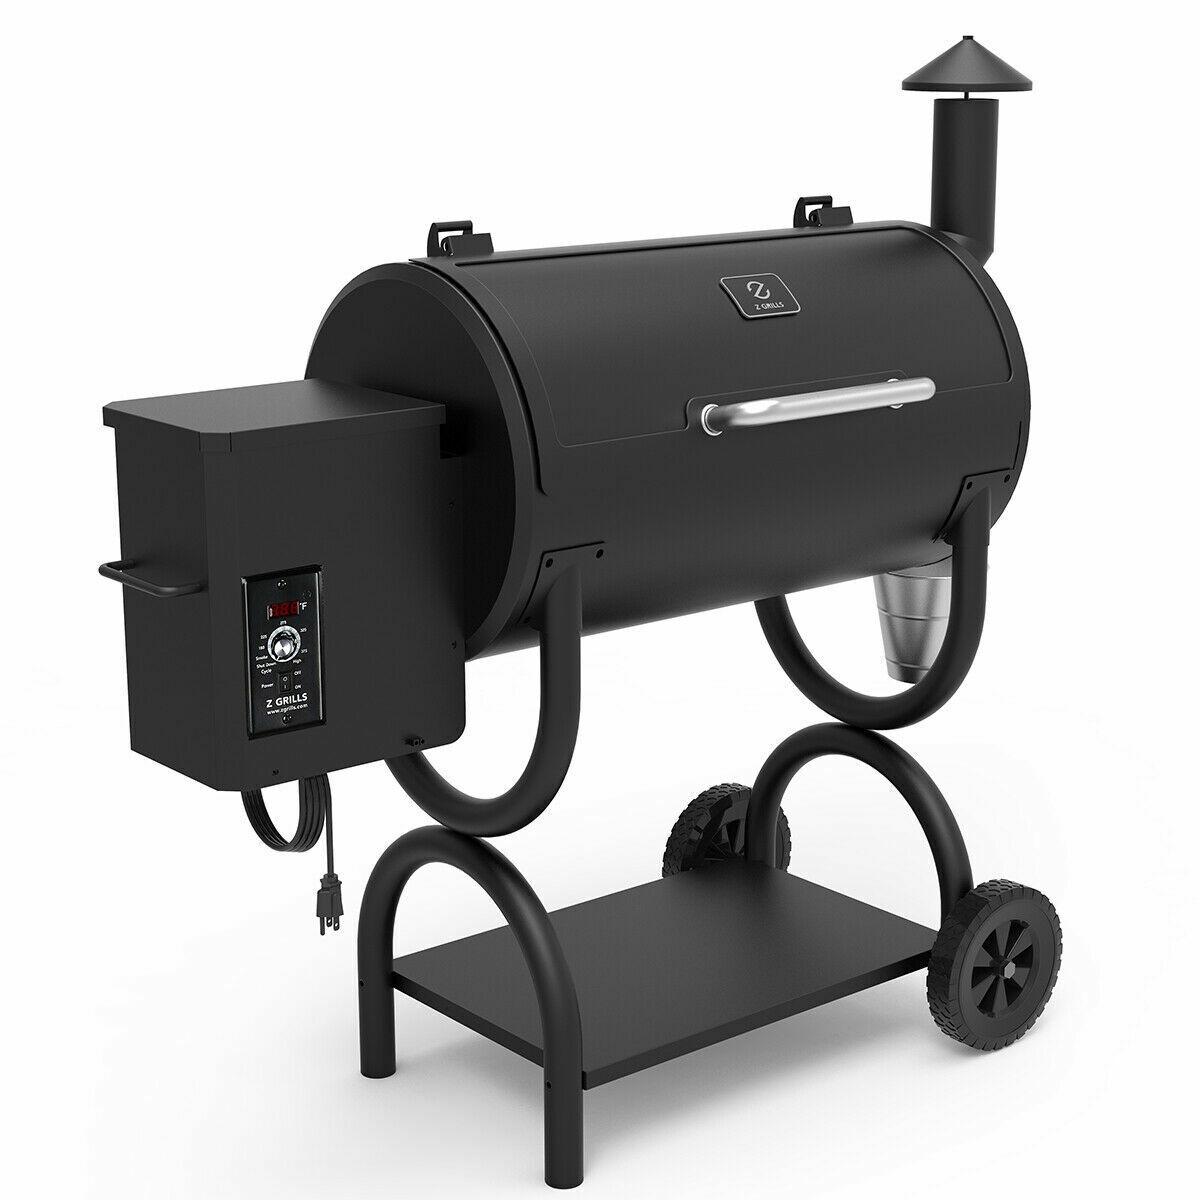 Z Grills ZPG-550B Wood Pellet Grill BBQ Smoker 7 in 1 Electr